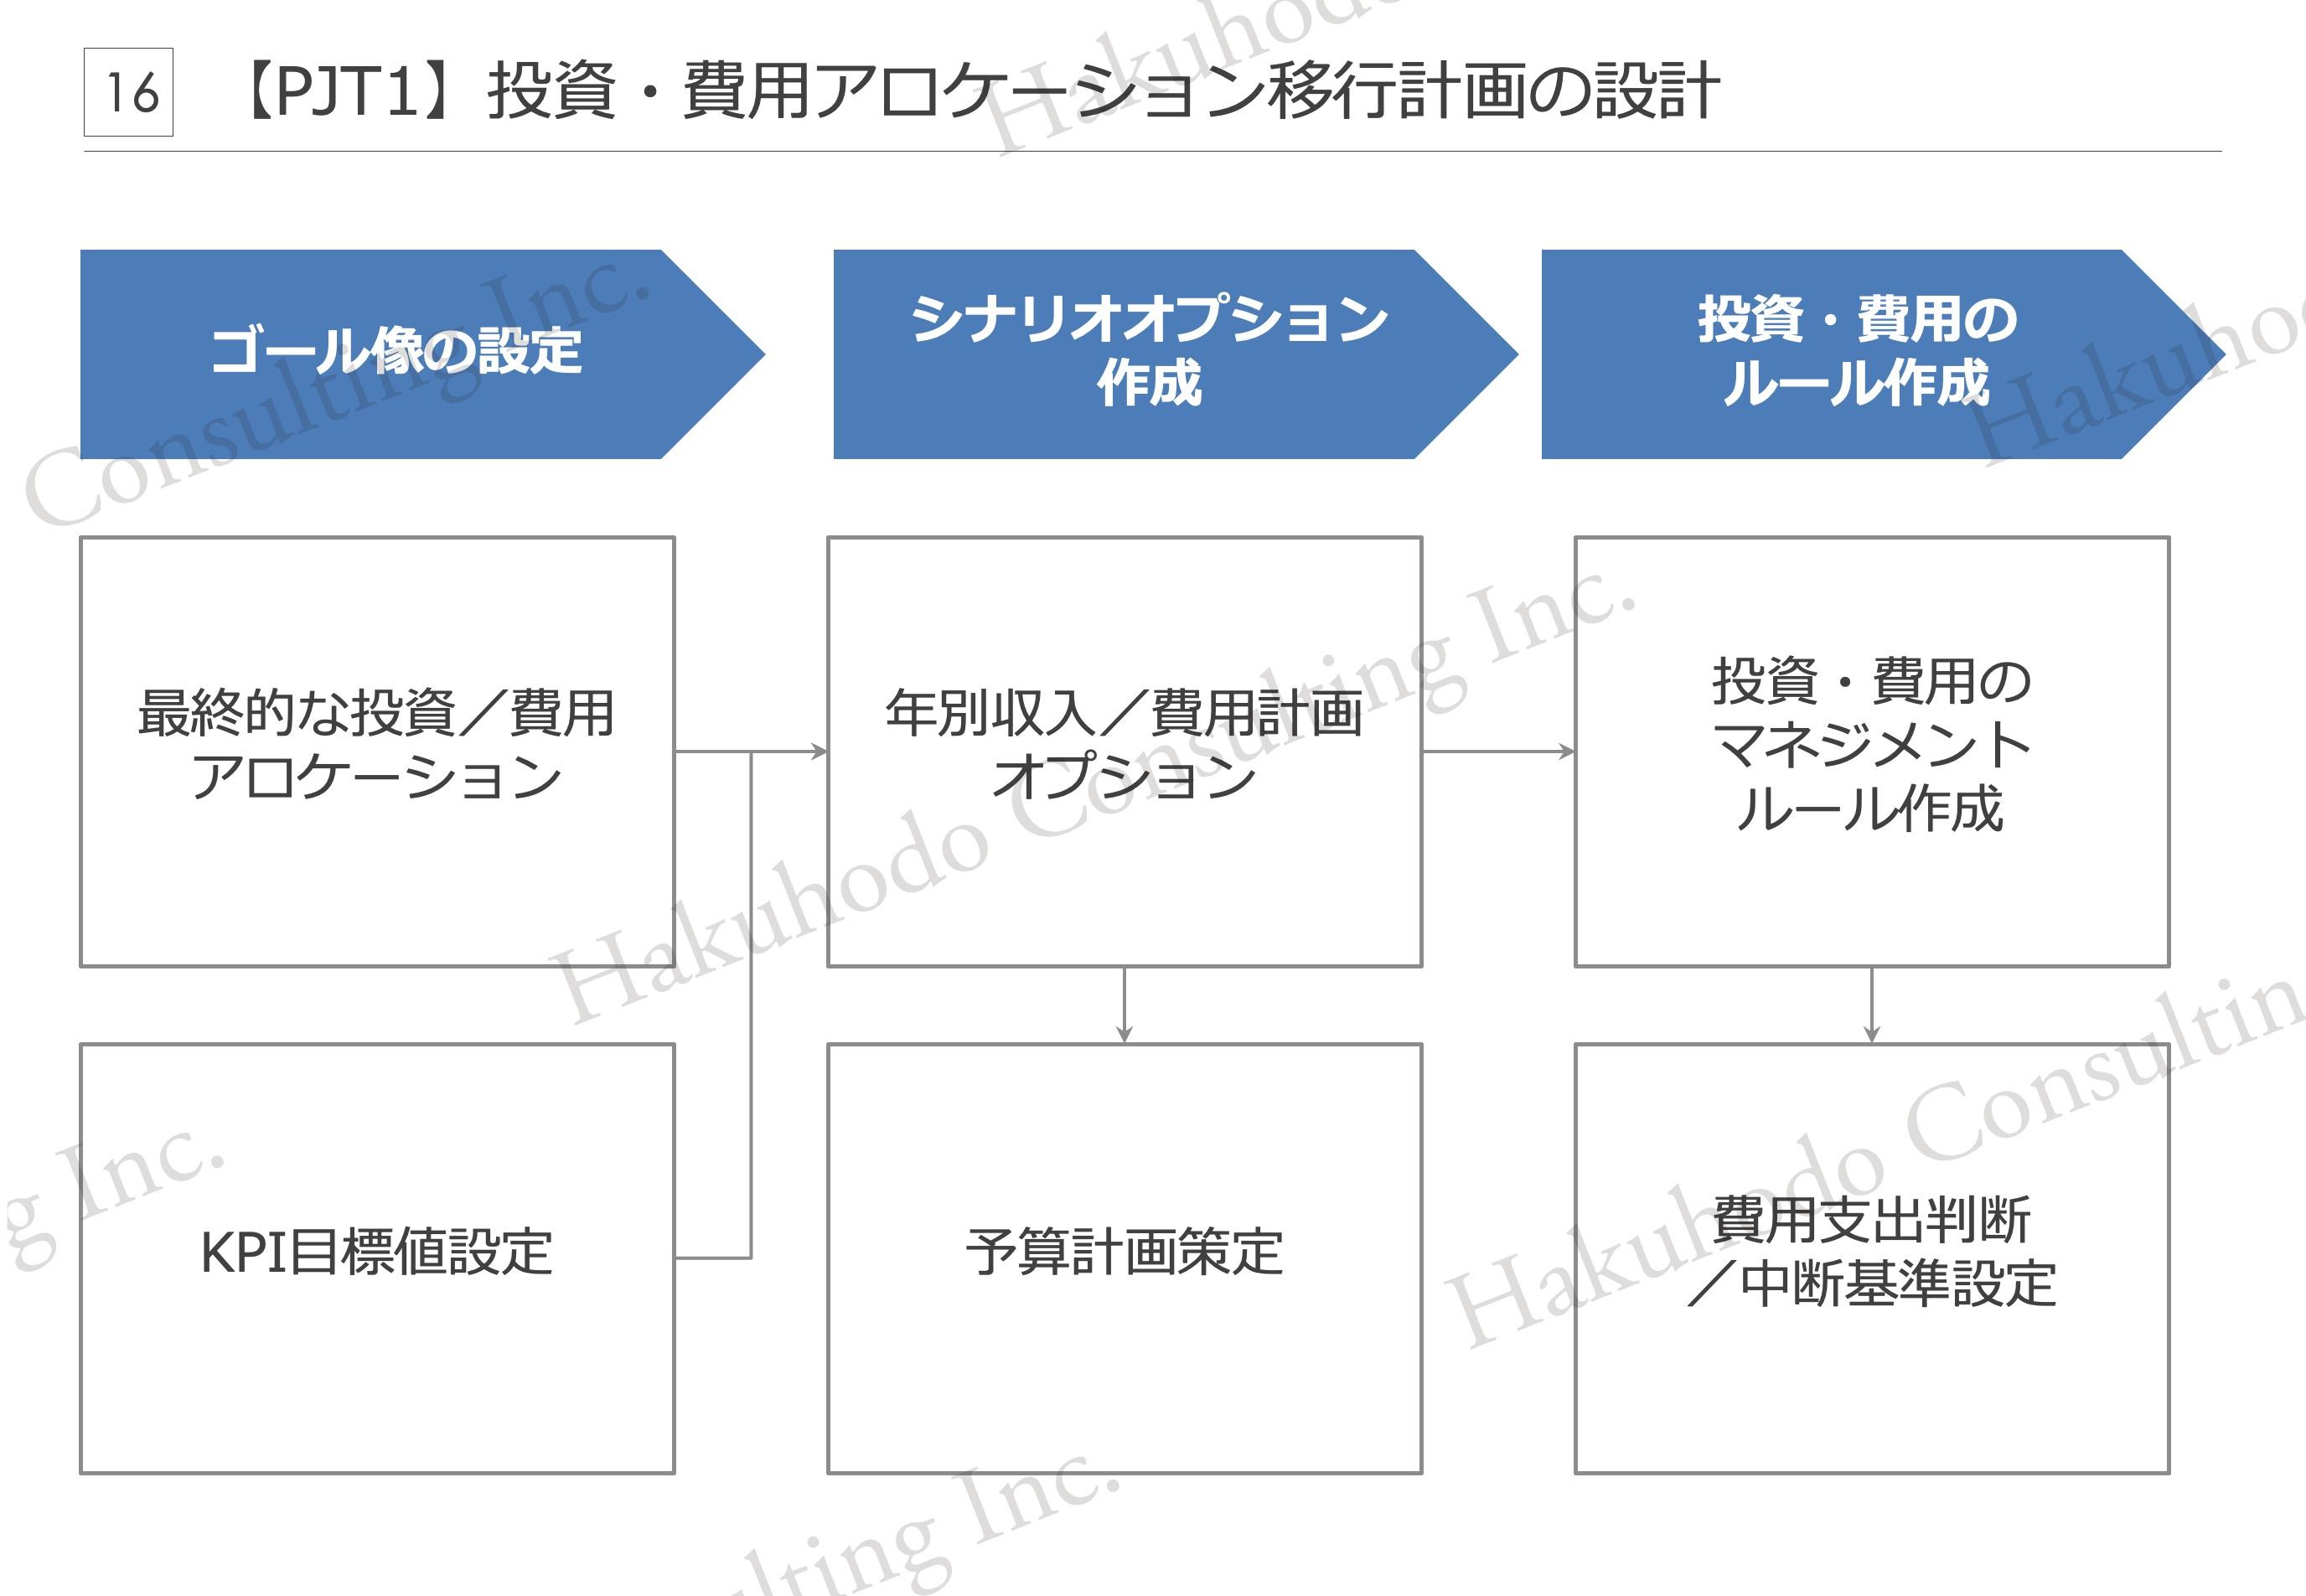 【PJT1】投資・費用アロケーション移行計画の設計